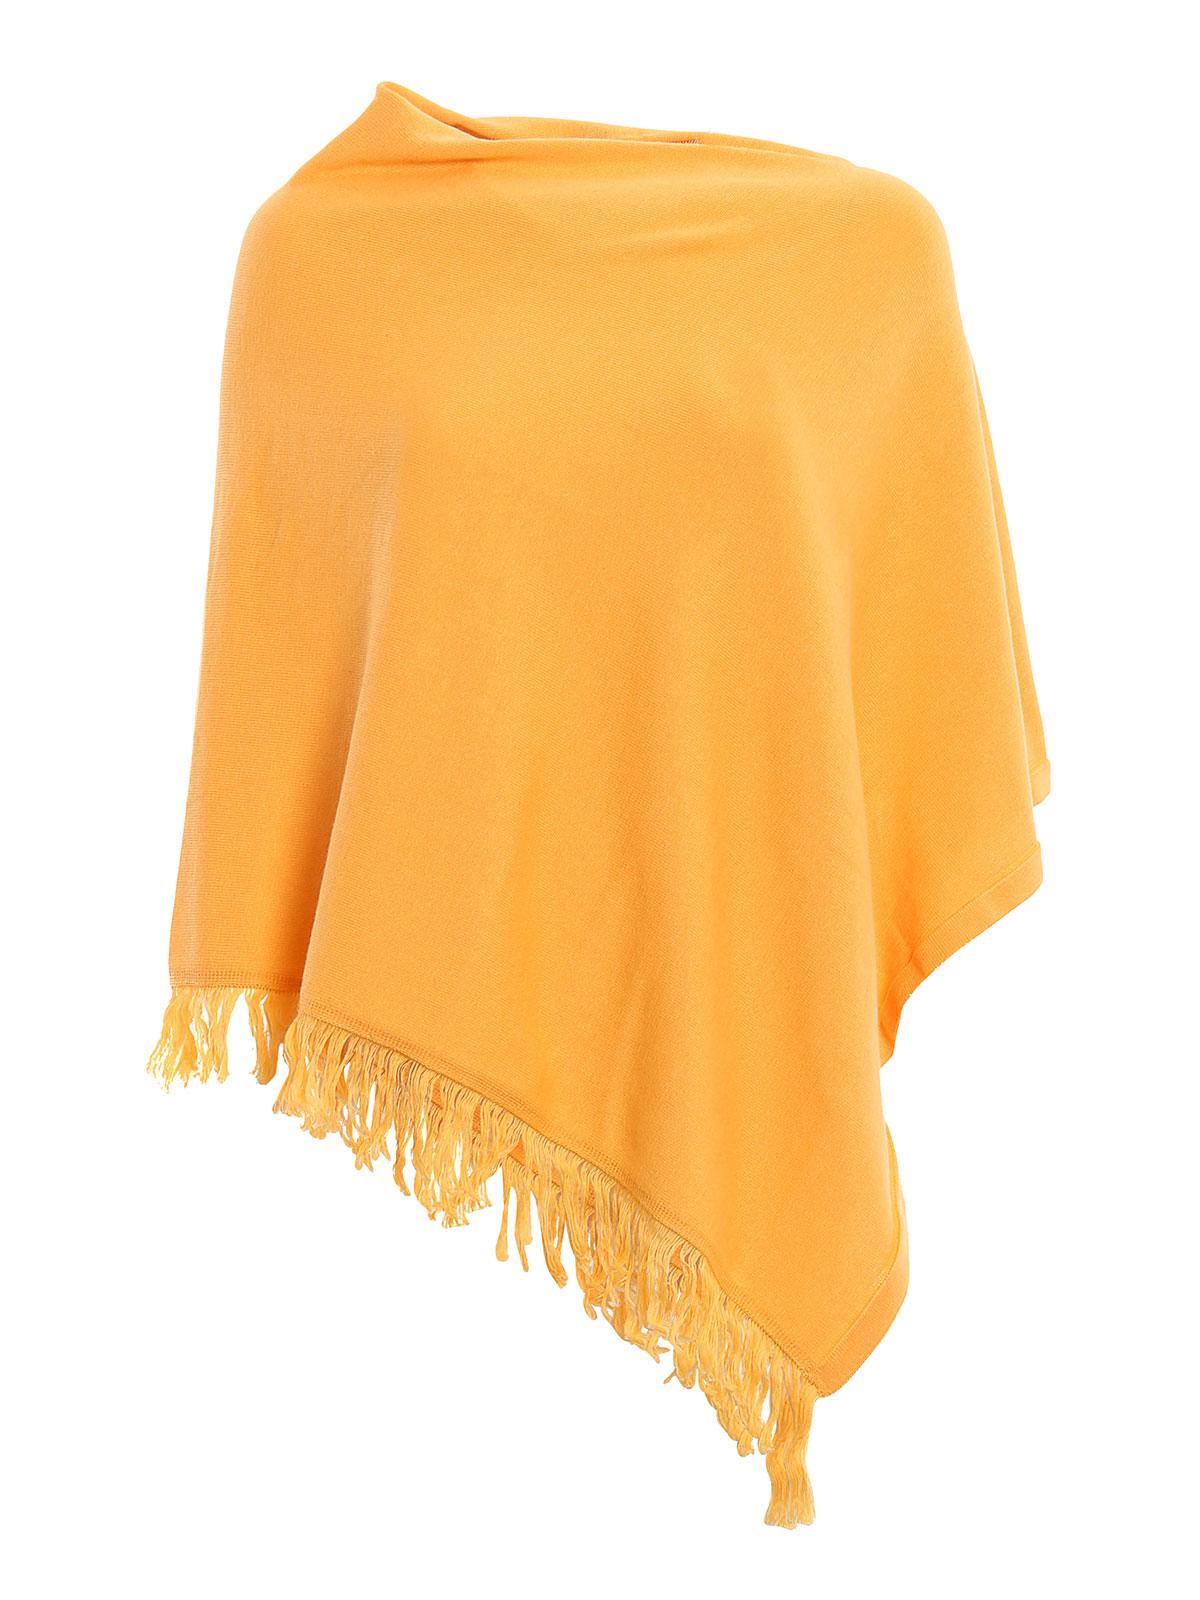 Cotton Knitted Poncho By Vico Dritto Portofino Capes